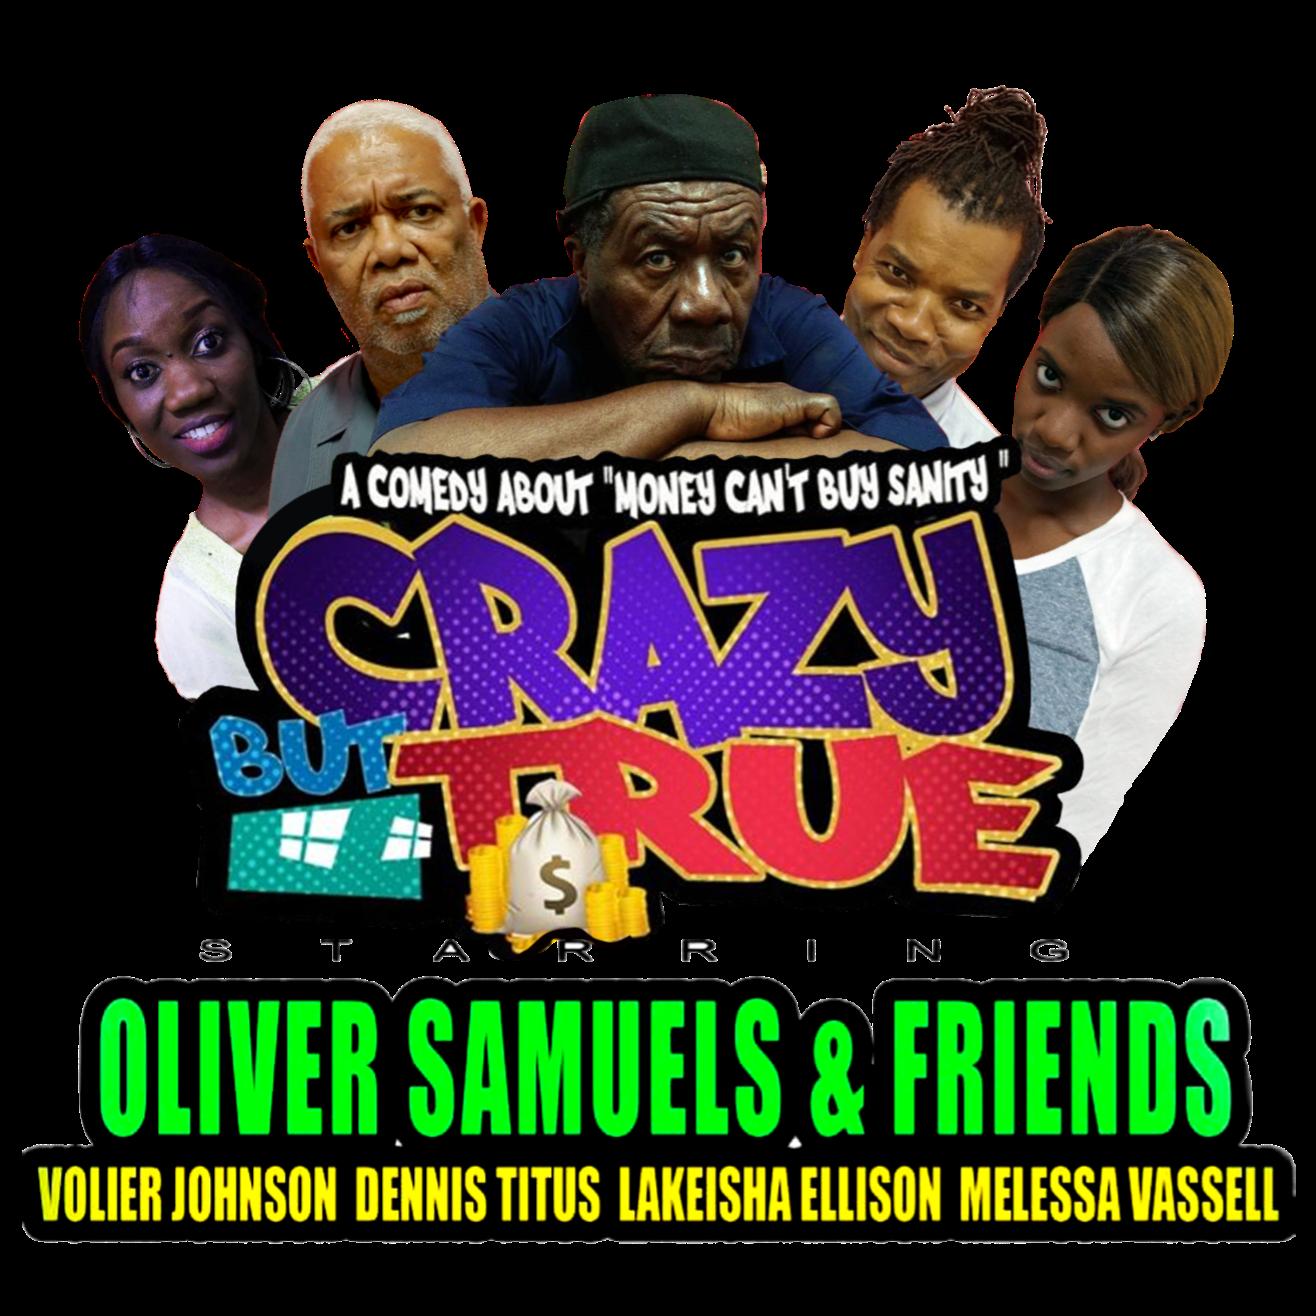 Crazy But True - Oliver Samuels